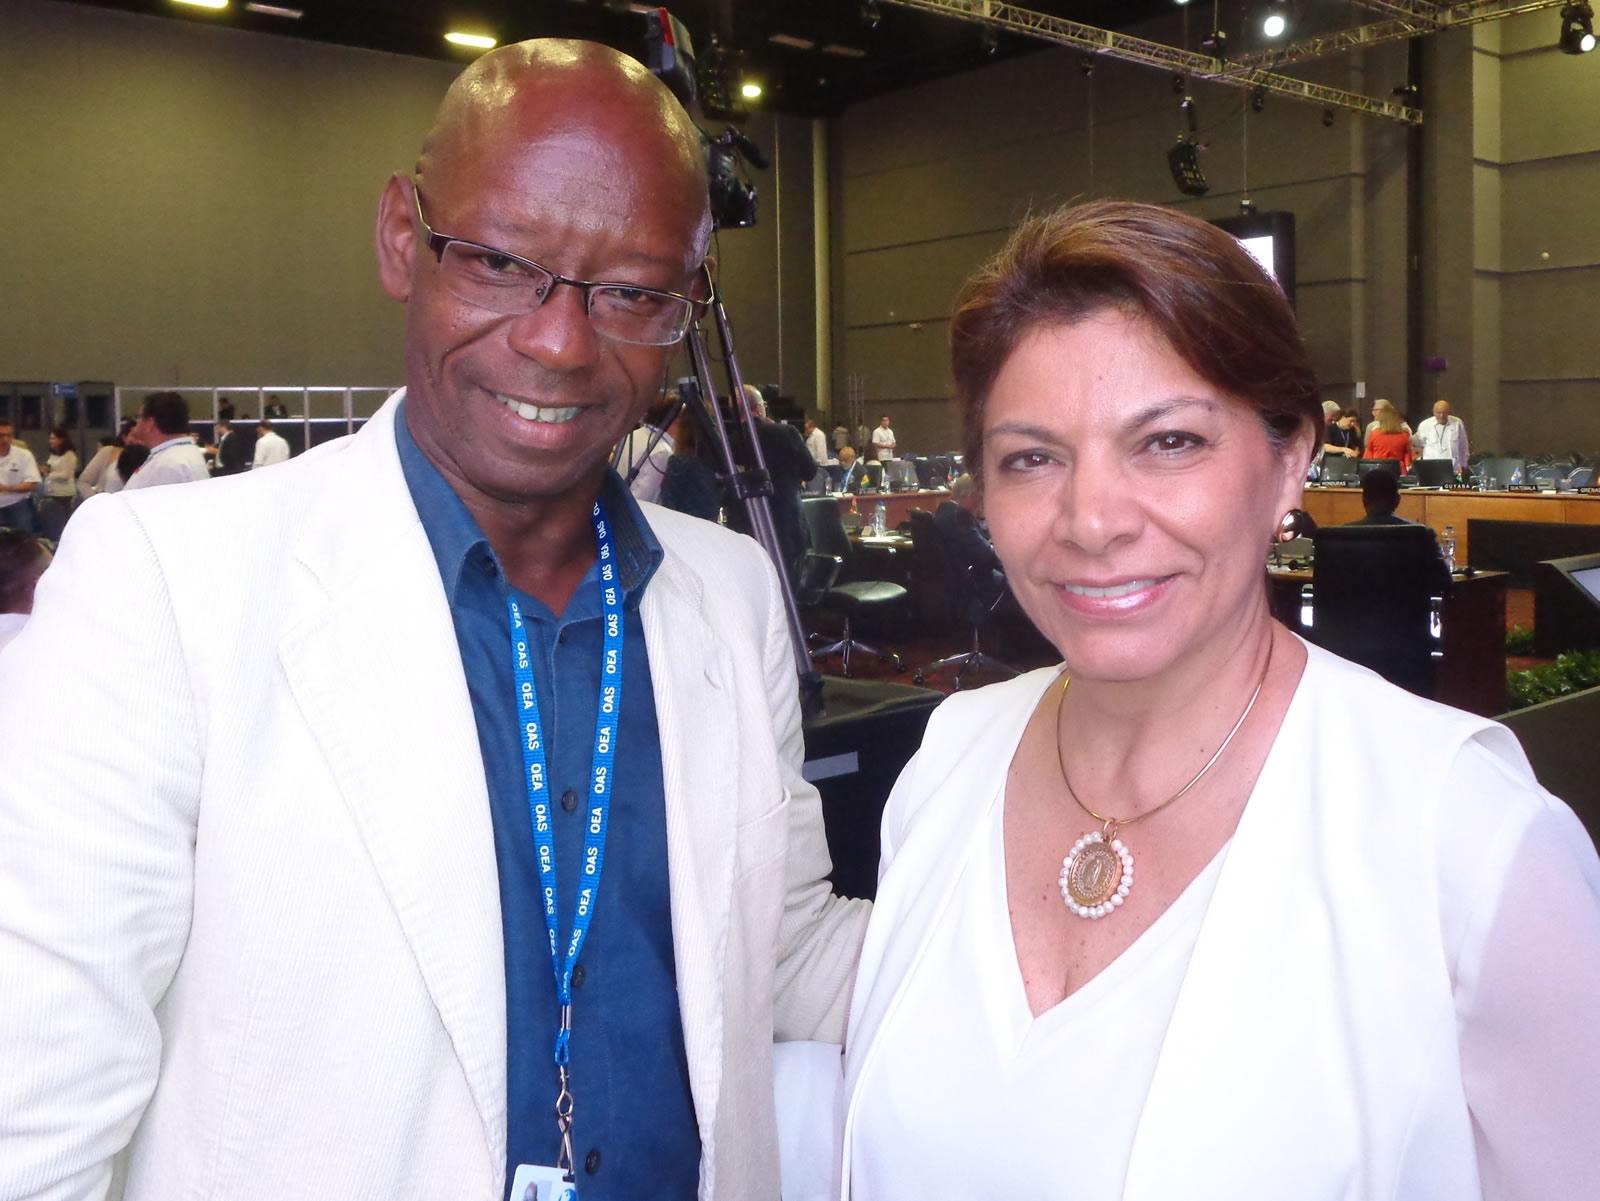 Manuel Cuesta Morúa junto a la ex Presidente de Costa Rica, Excma. Laura Chinchilla.